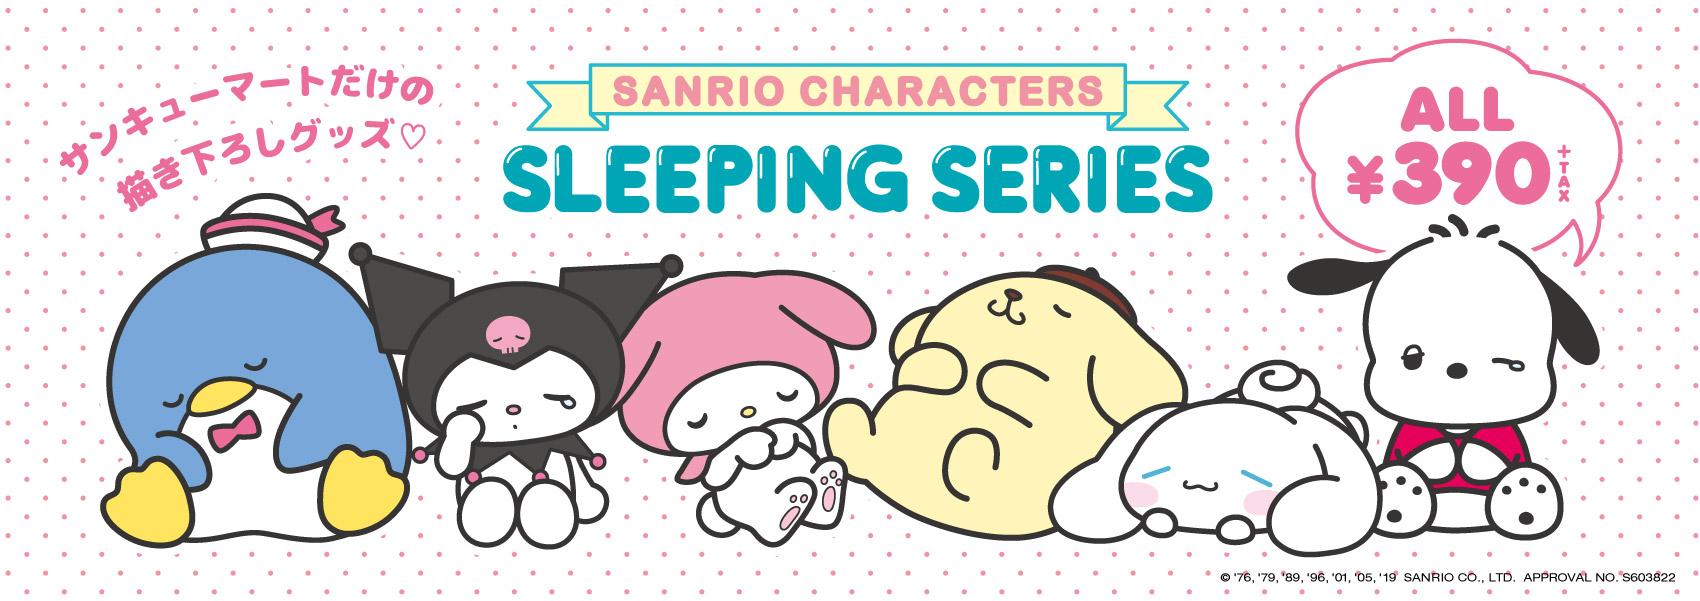 サンキューマート限定🌟サンリオキャラクターズ『SLEEPING SERIES』が登場😻🌸